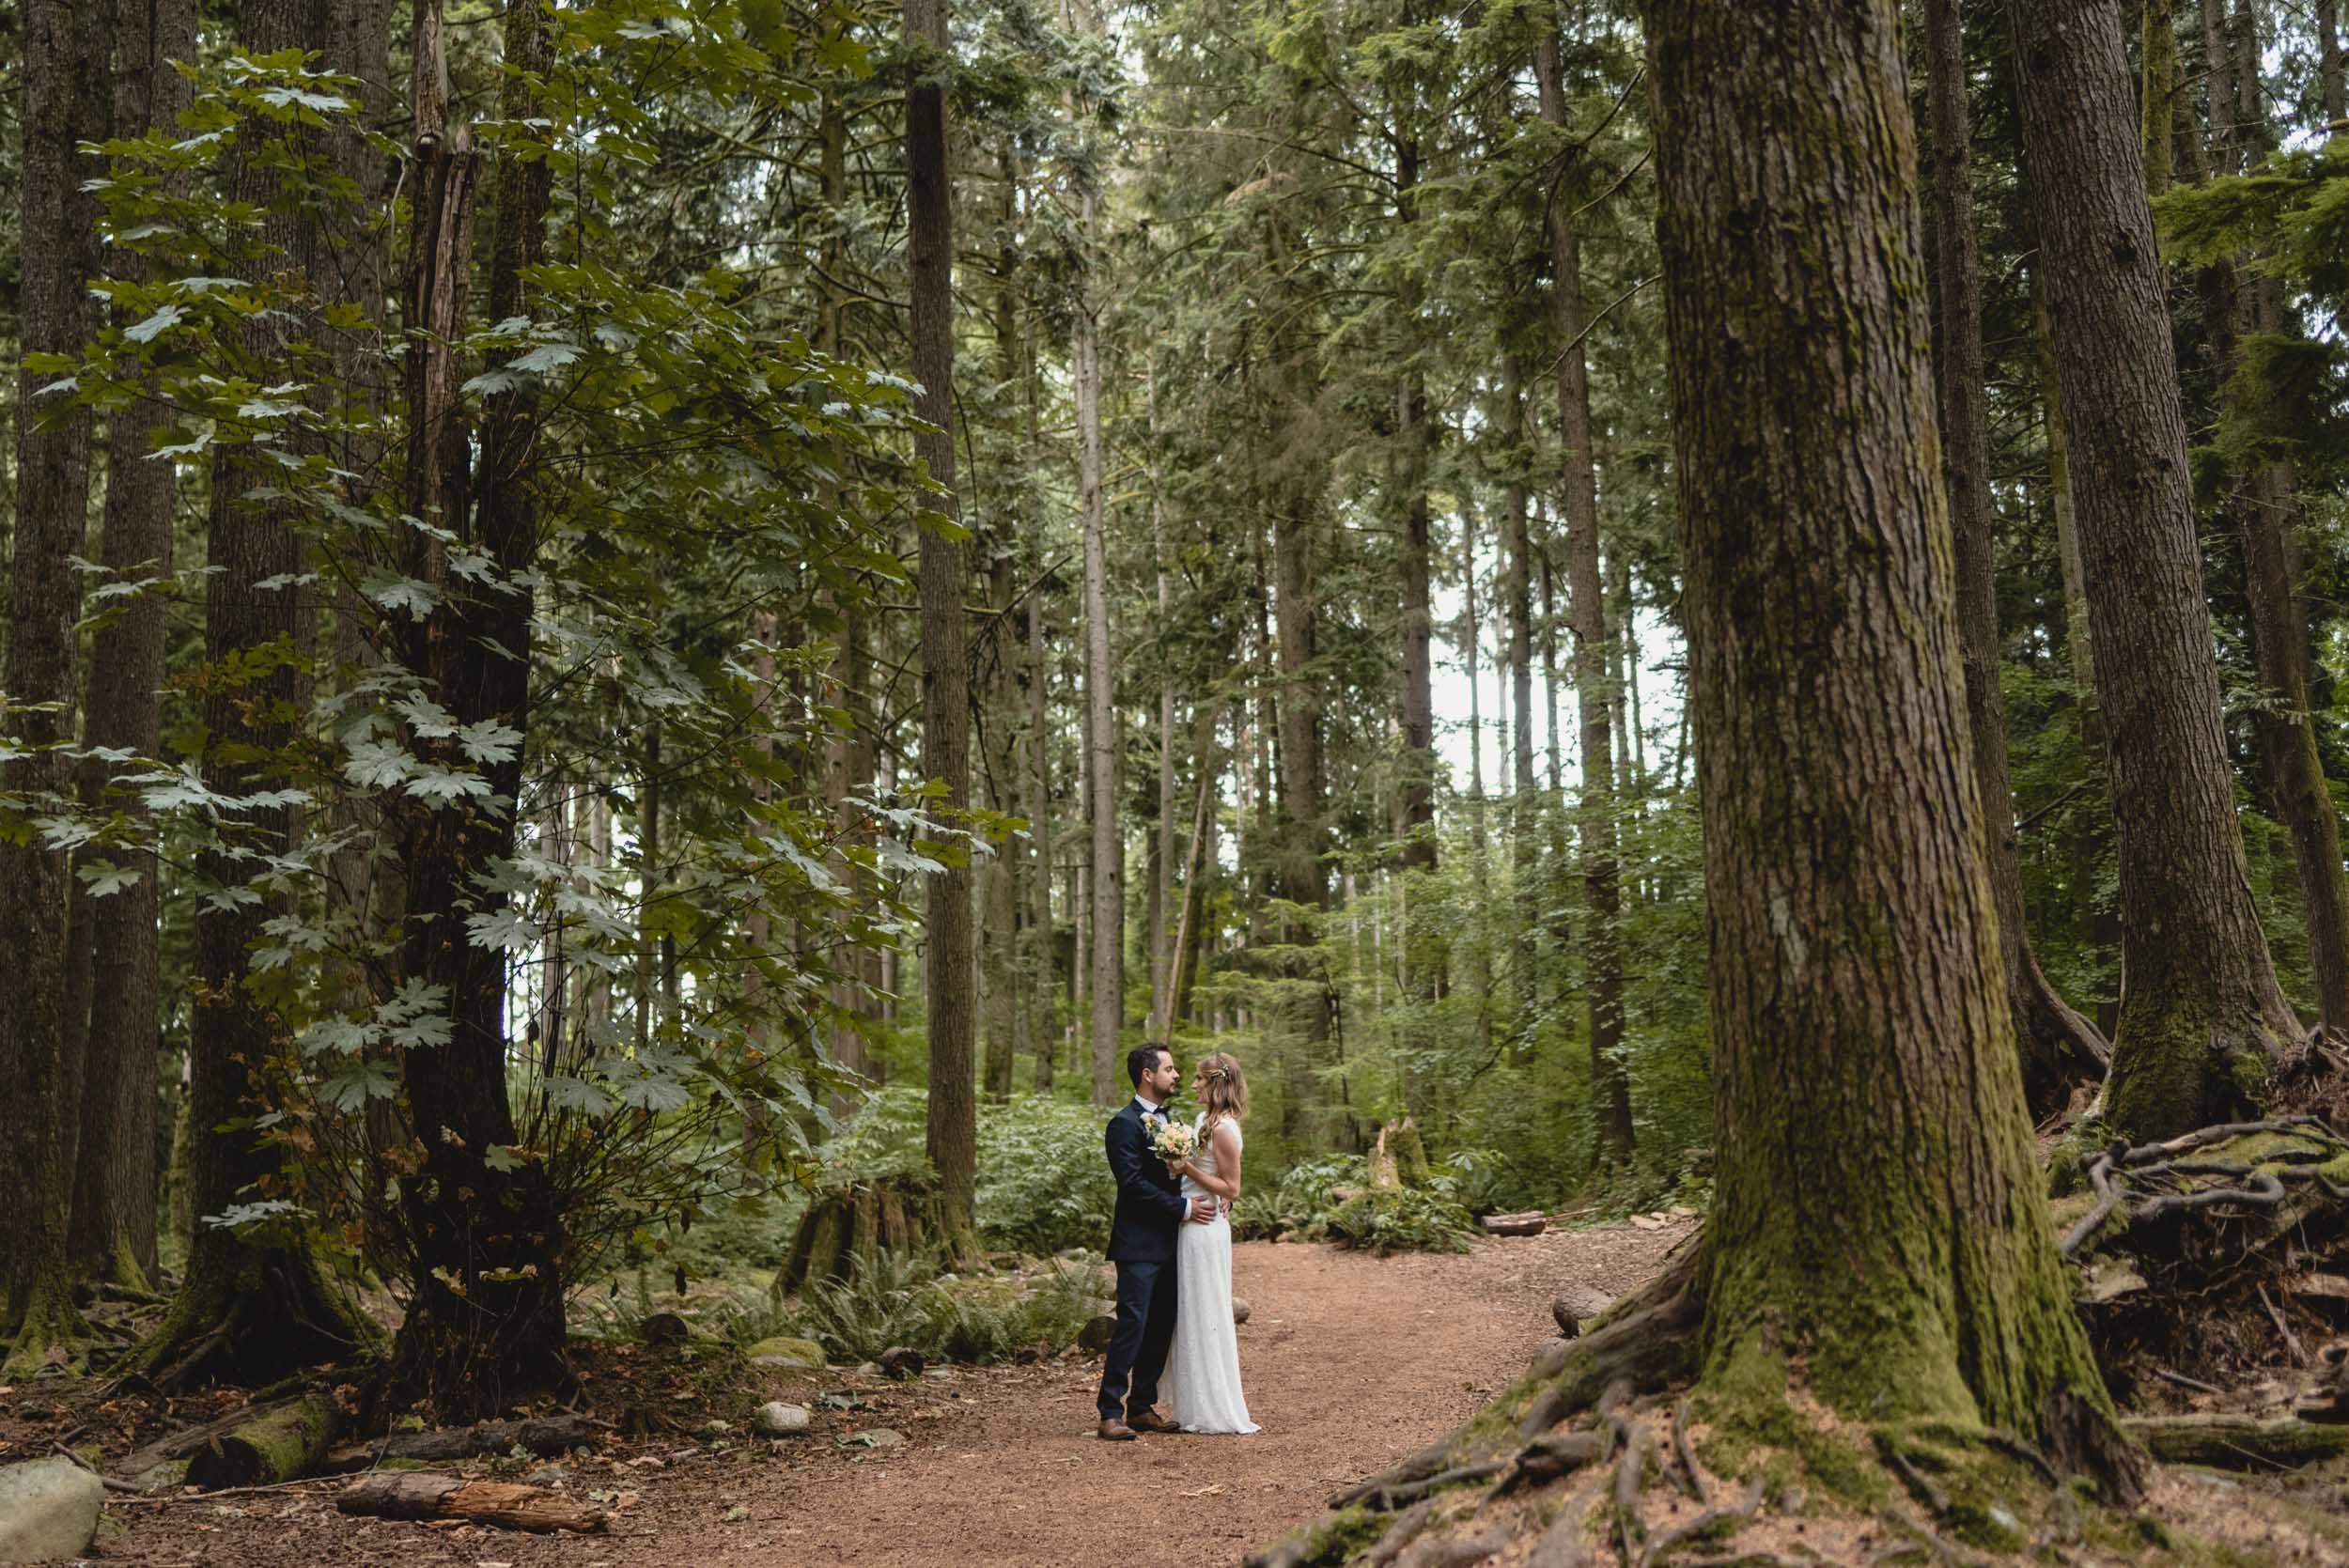 Weddings_LukeMiklerPhoto-1.jpg